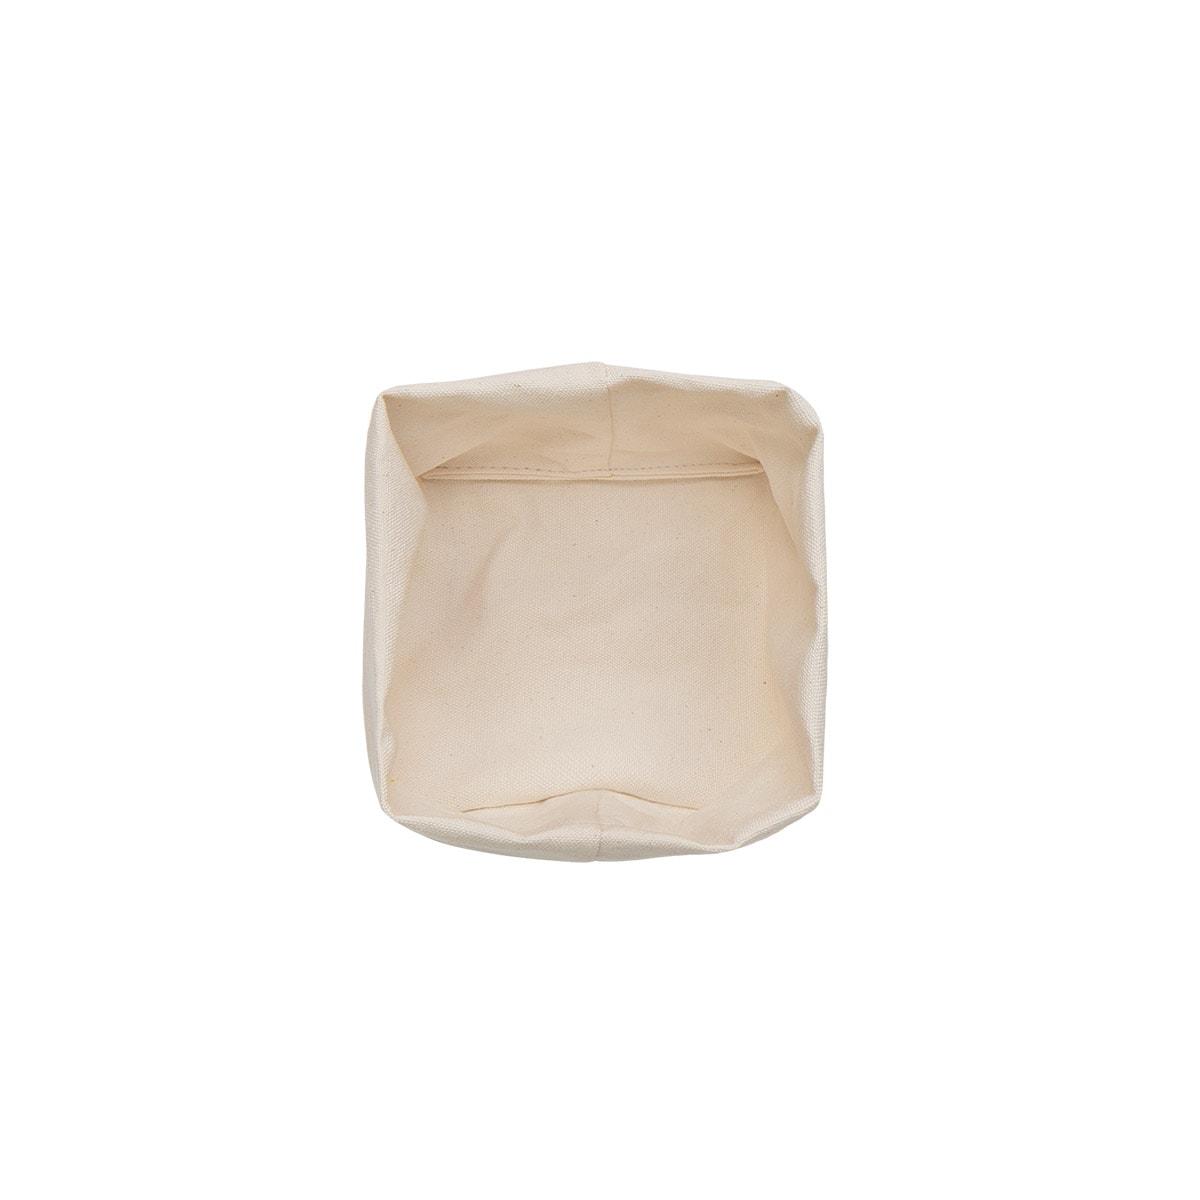 Cesto Organizador • Futon Company ® #856846 1200x1200 Acessorios Banheiro Moema